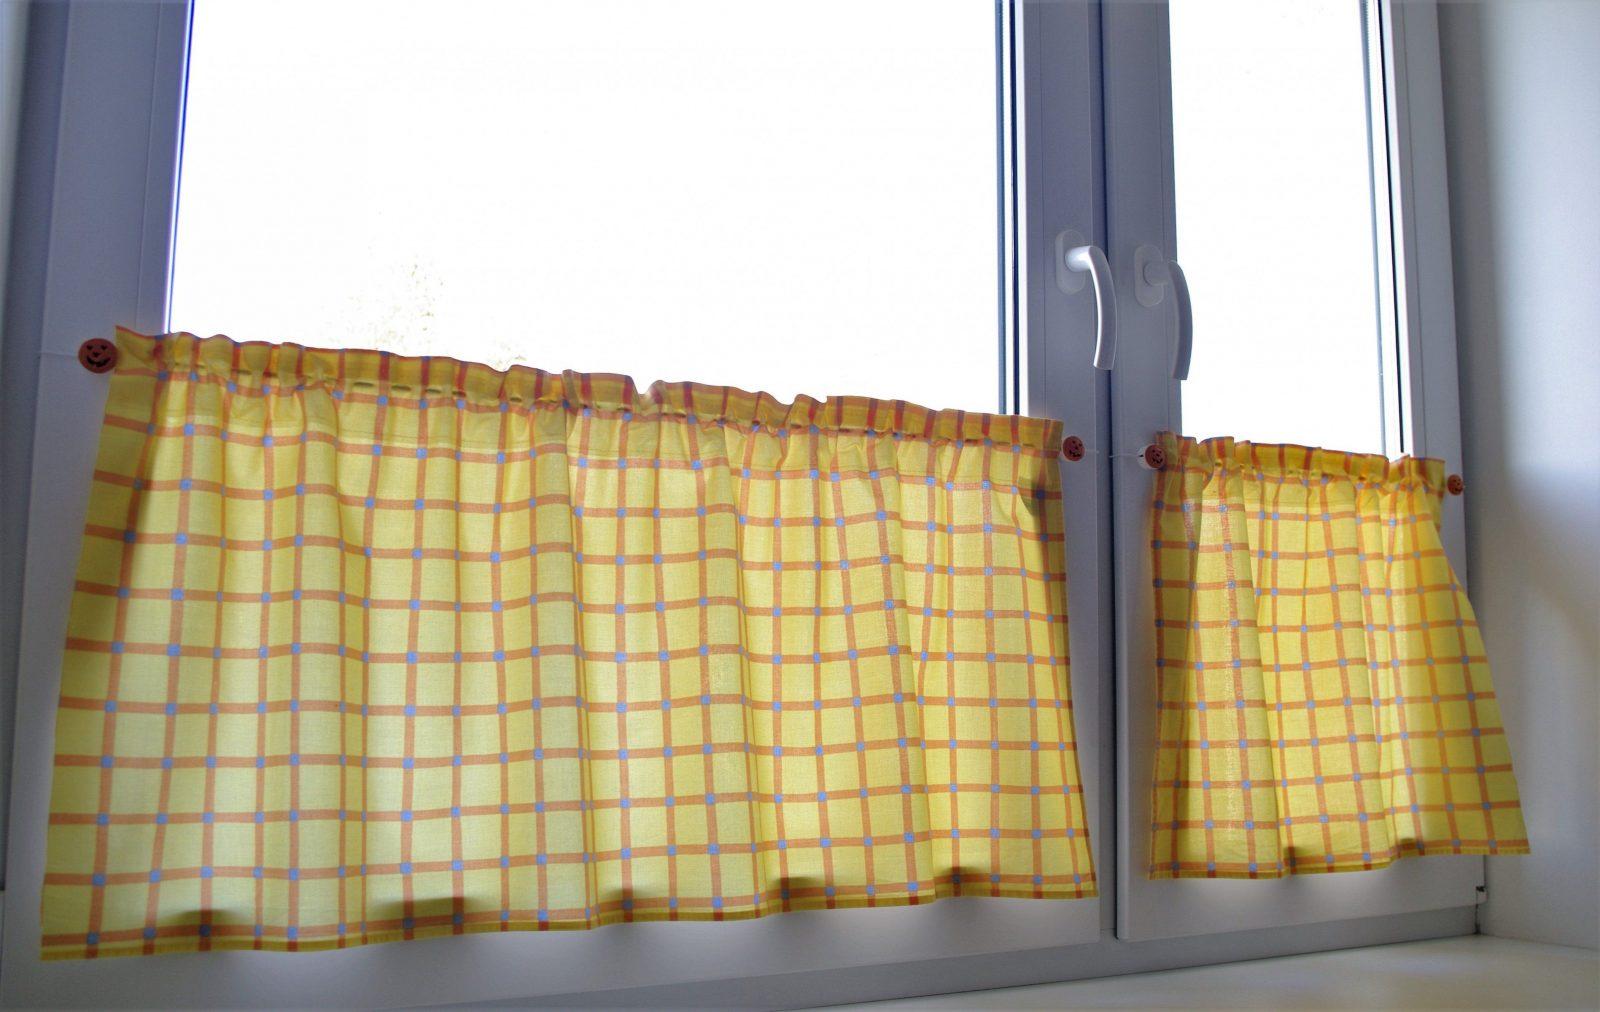 Gardinenstange Ohne Bohren Einschließlich Schön Küchen Beleuchtung von Gardinenstangen Für Scheibengardinen Ohne Bohren Photo